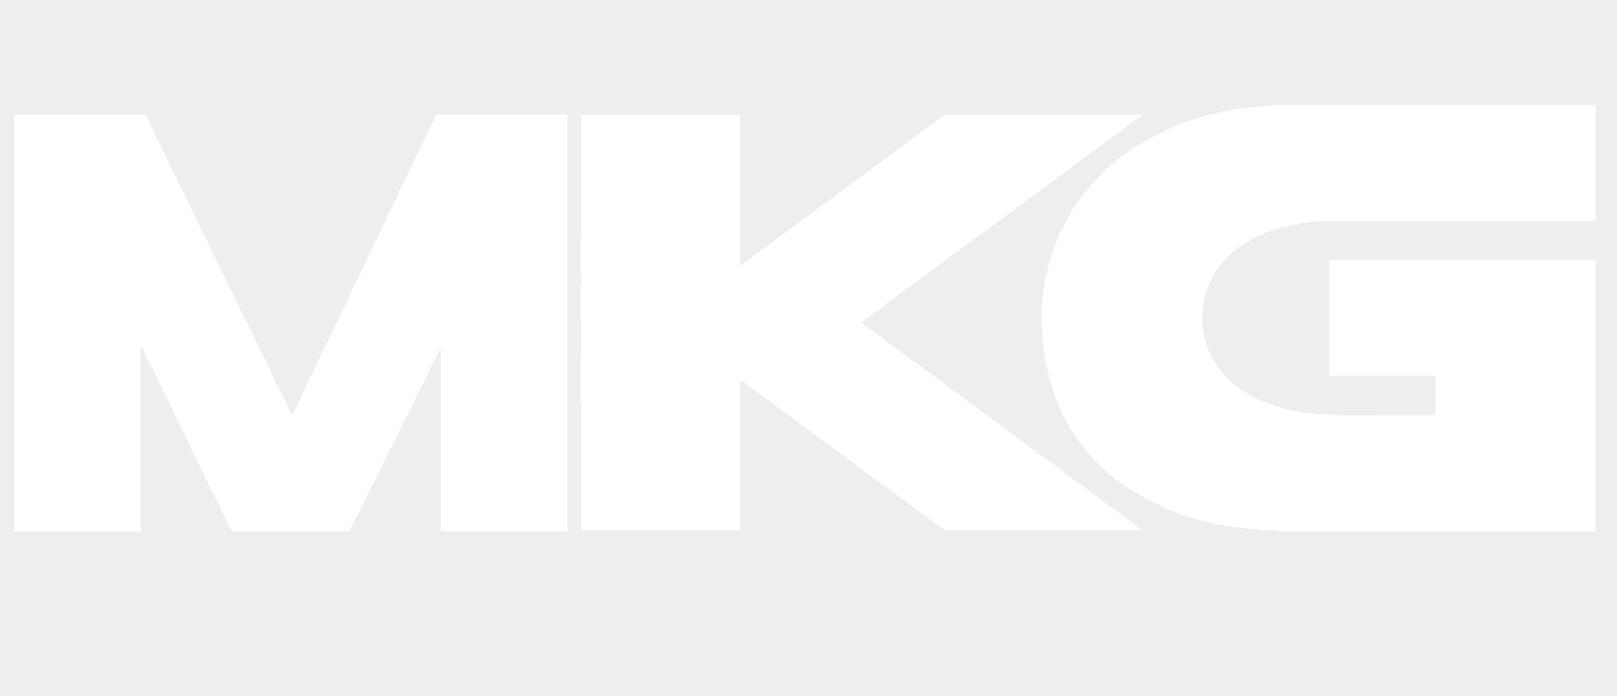 MKGkorylogo3transV5